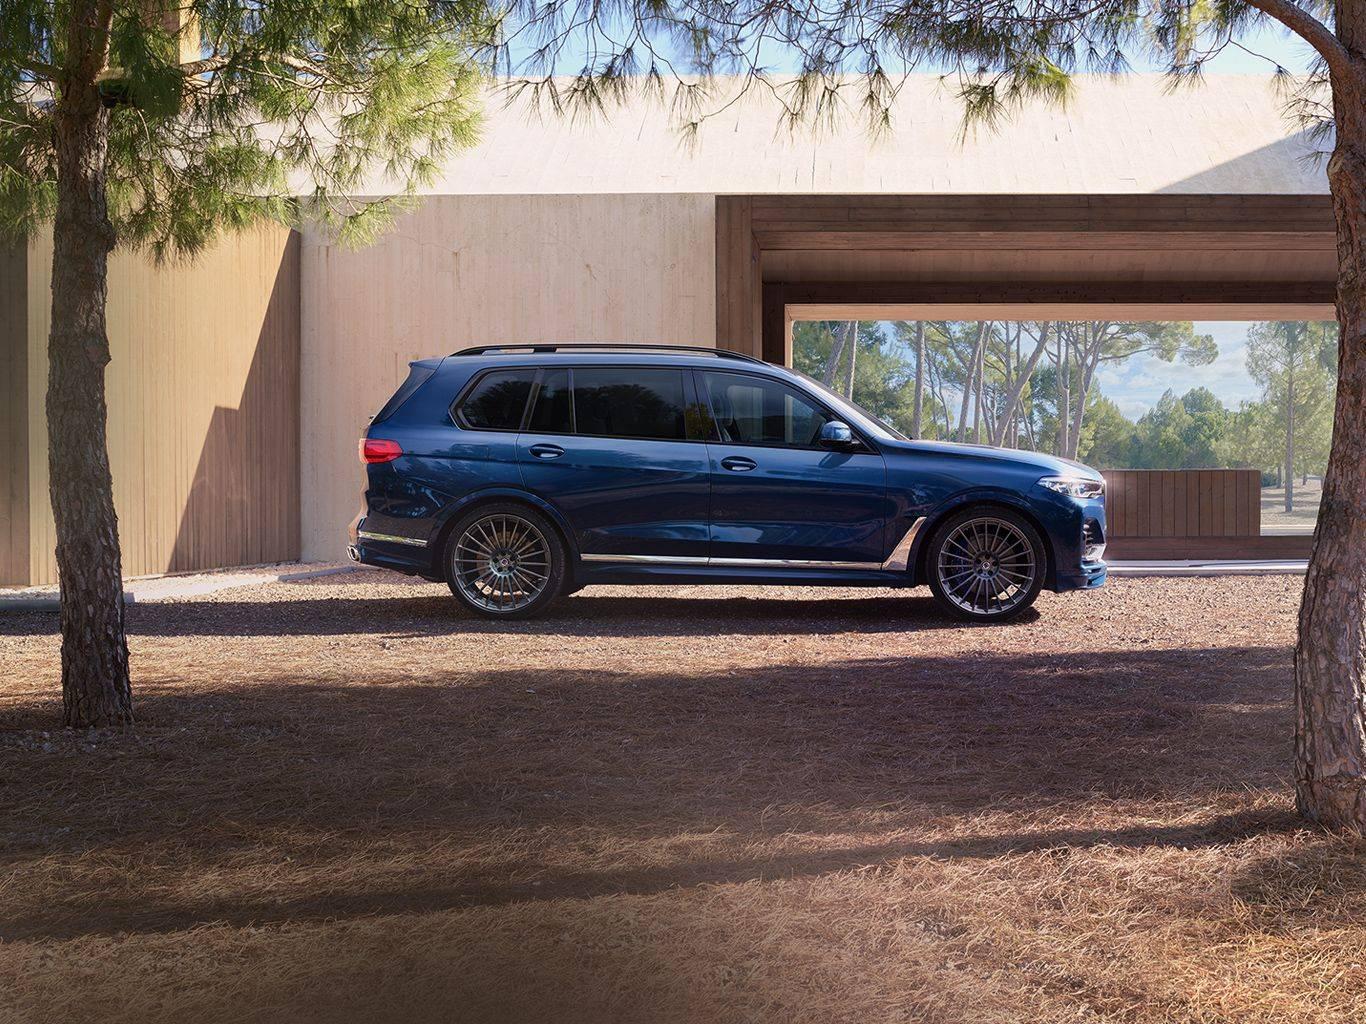 BMW ALPINA XB7 для приключений первого класса 4